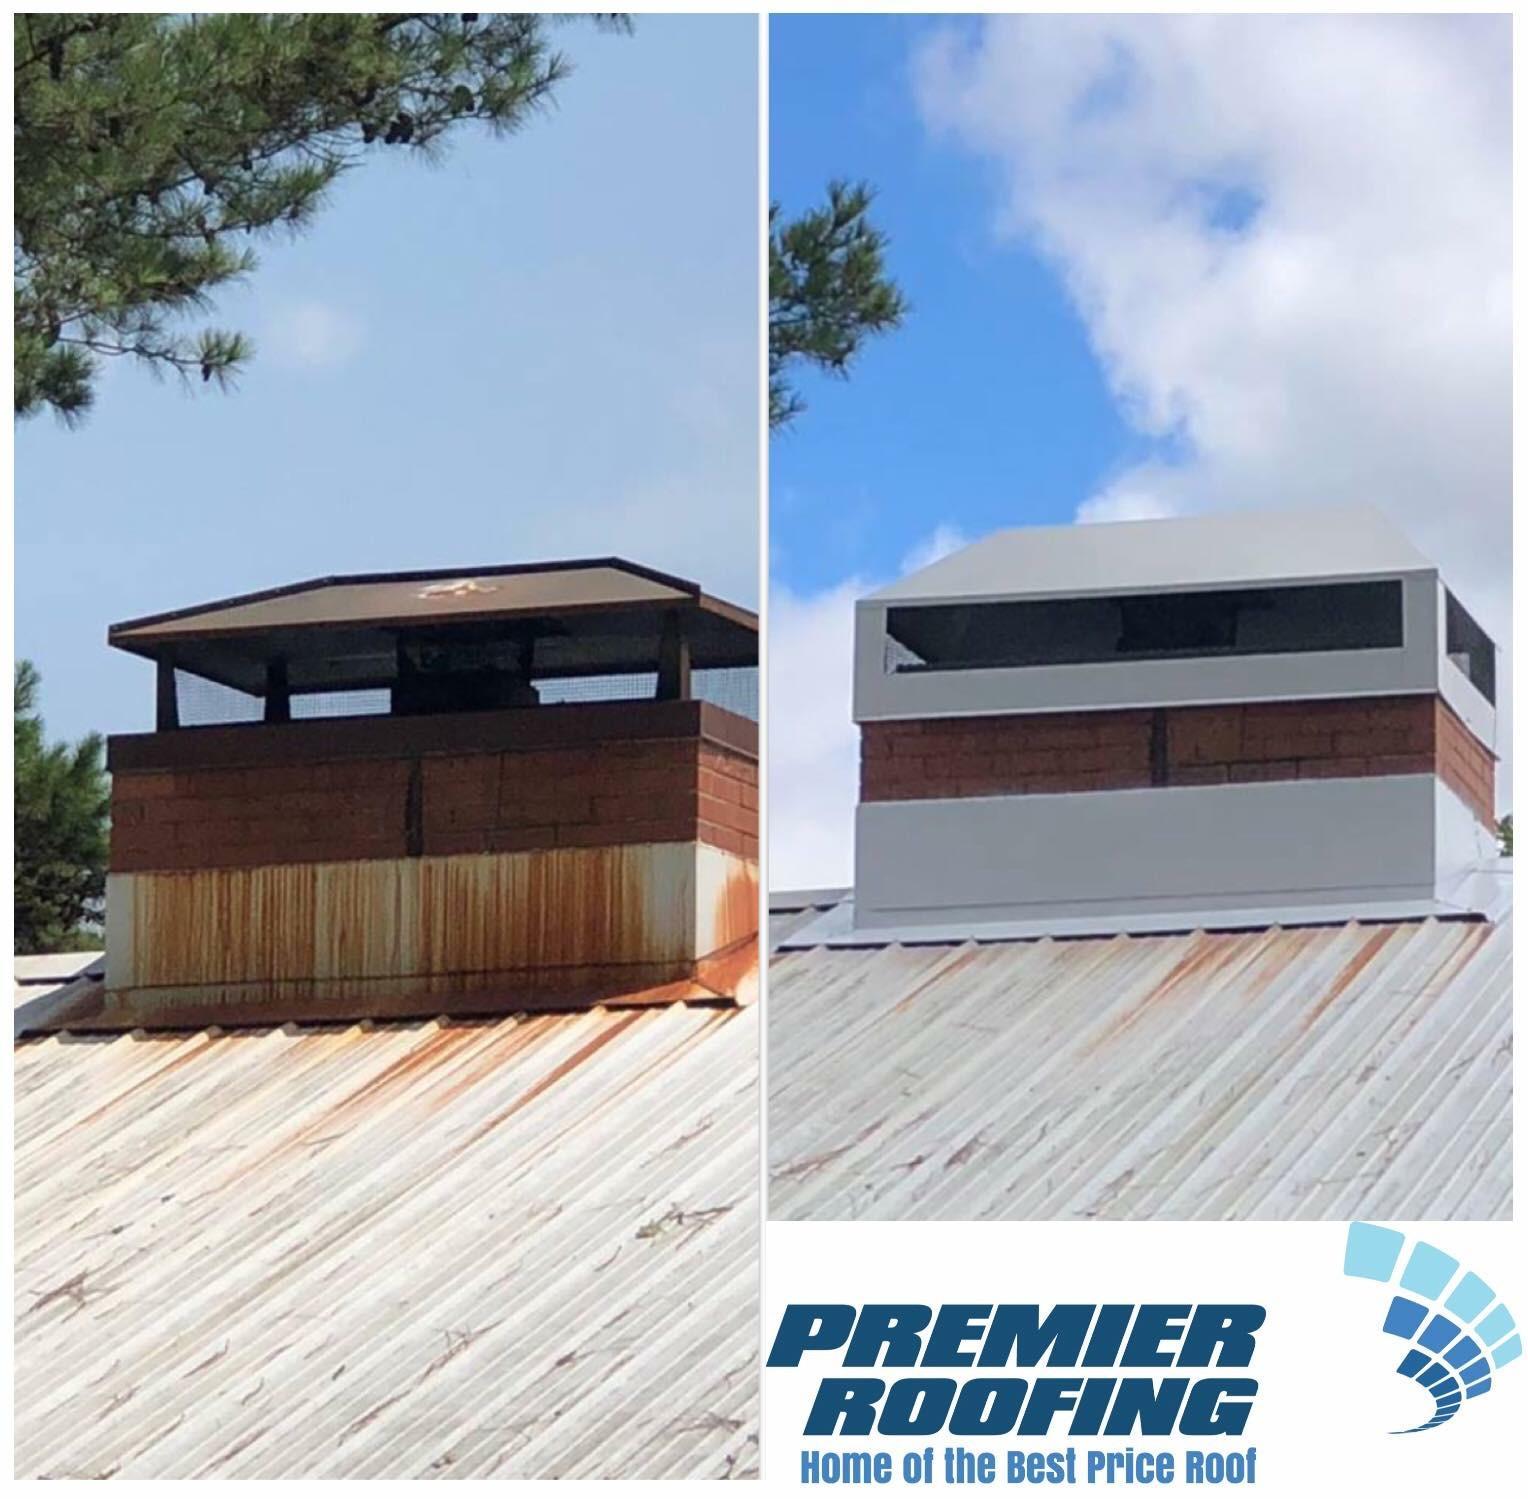 Premier Roofing, LLC image 2